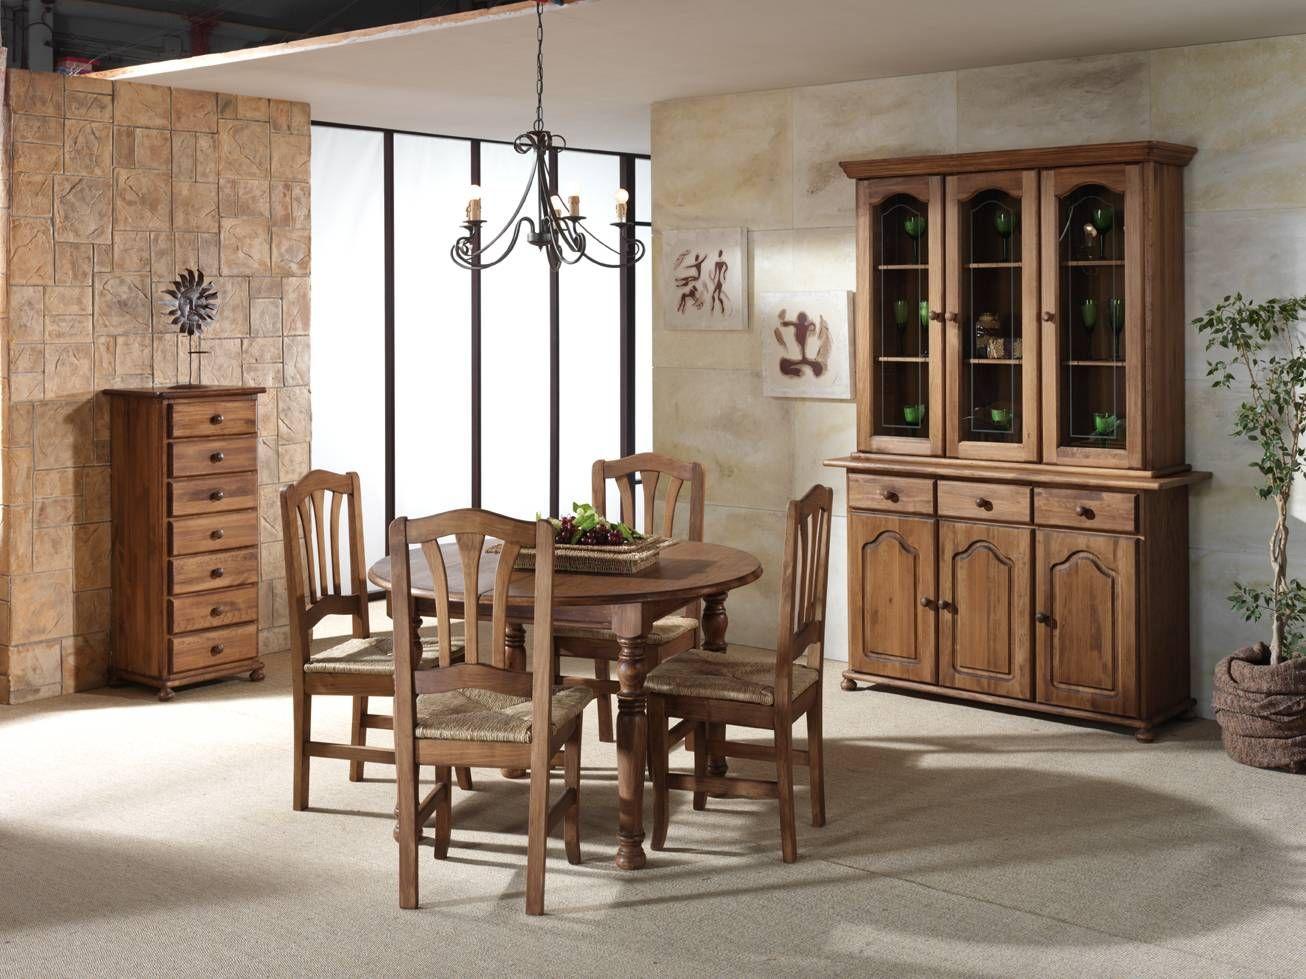 Aparador estilo provenzal de tres puertas y tres cajones, de madera ...